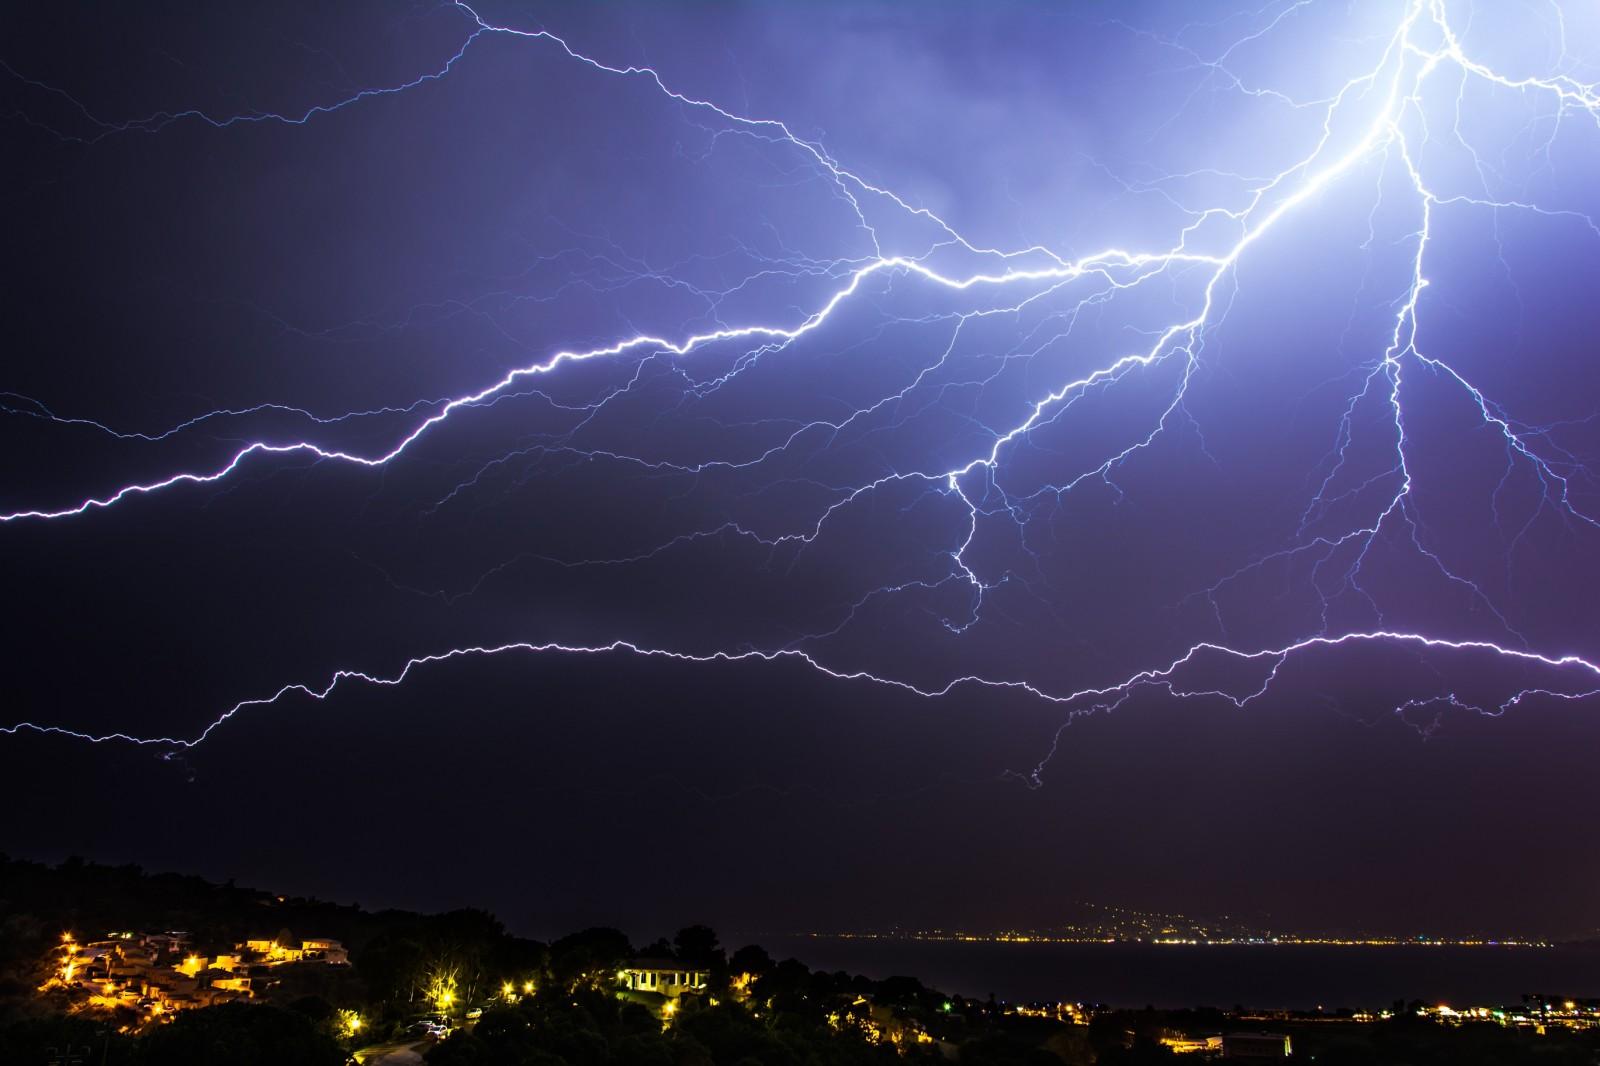 Экстренное предупреждение о наступлении неблагоприятных явлений погоды 16.09.2021